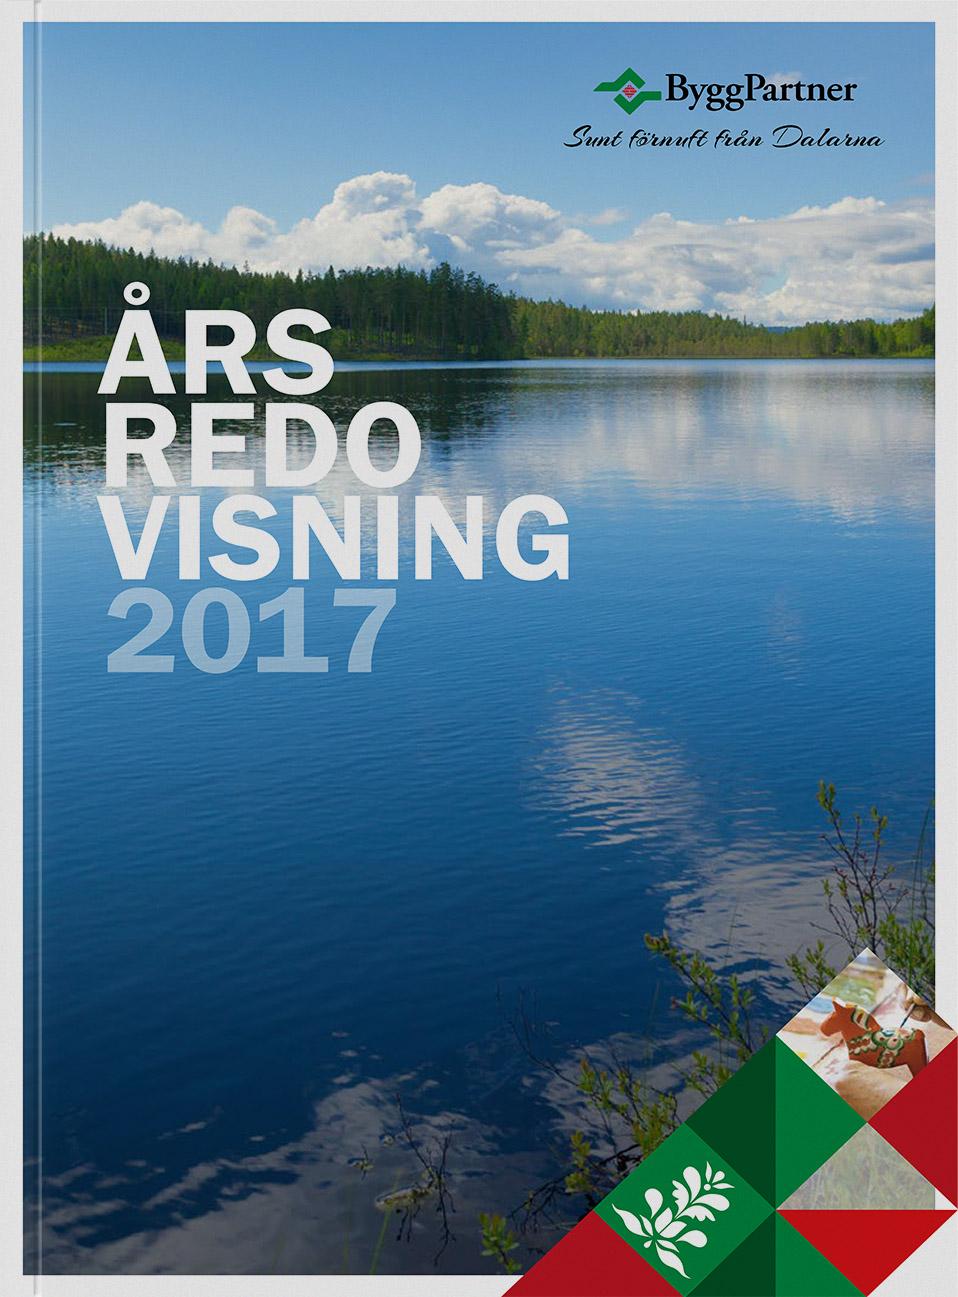 ByggPartner annual report 2017